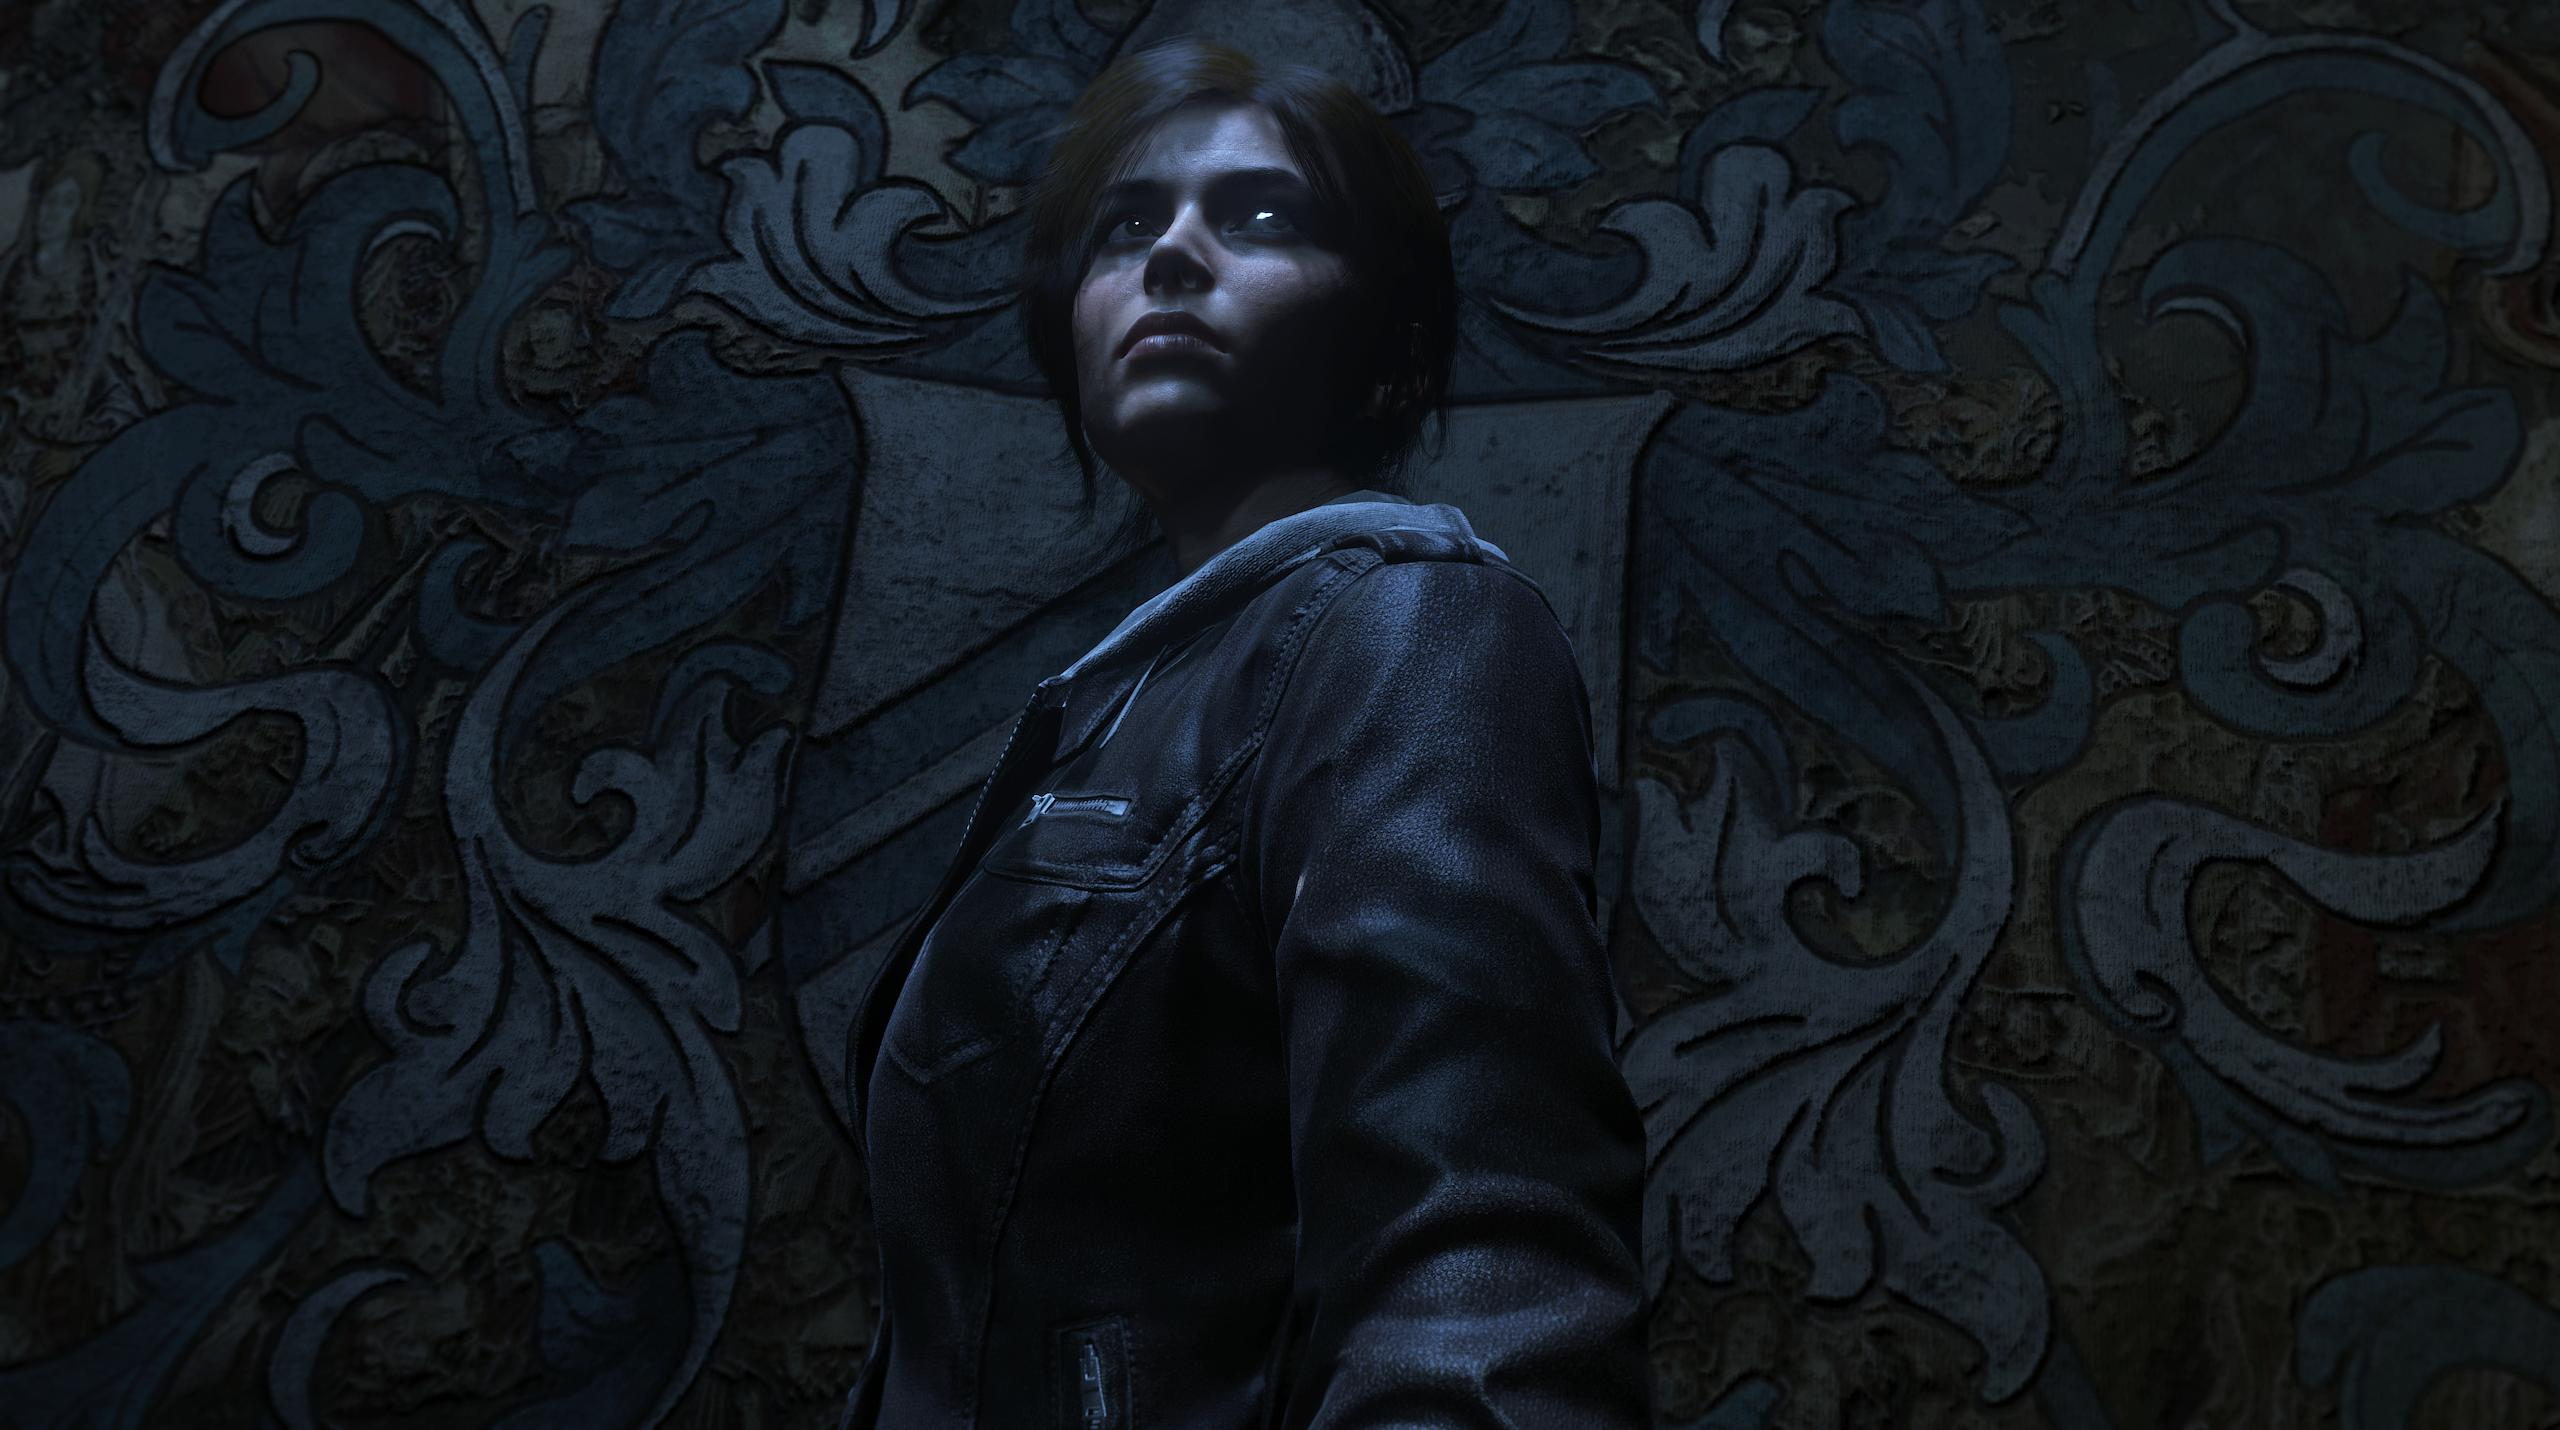 Několik nových obrázků z připravovaných DLC pro Rise of the Tomb Raider 128706